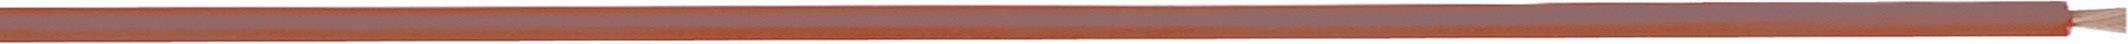 Merací vodič LappKabel 4560041S LiFY, 1 x 0.75 mm², vonkajší Ø 4 mm, metrový tovar, červená